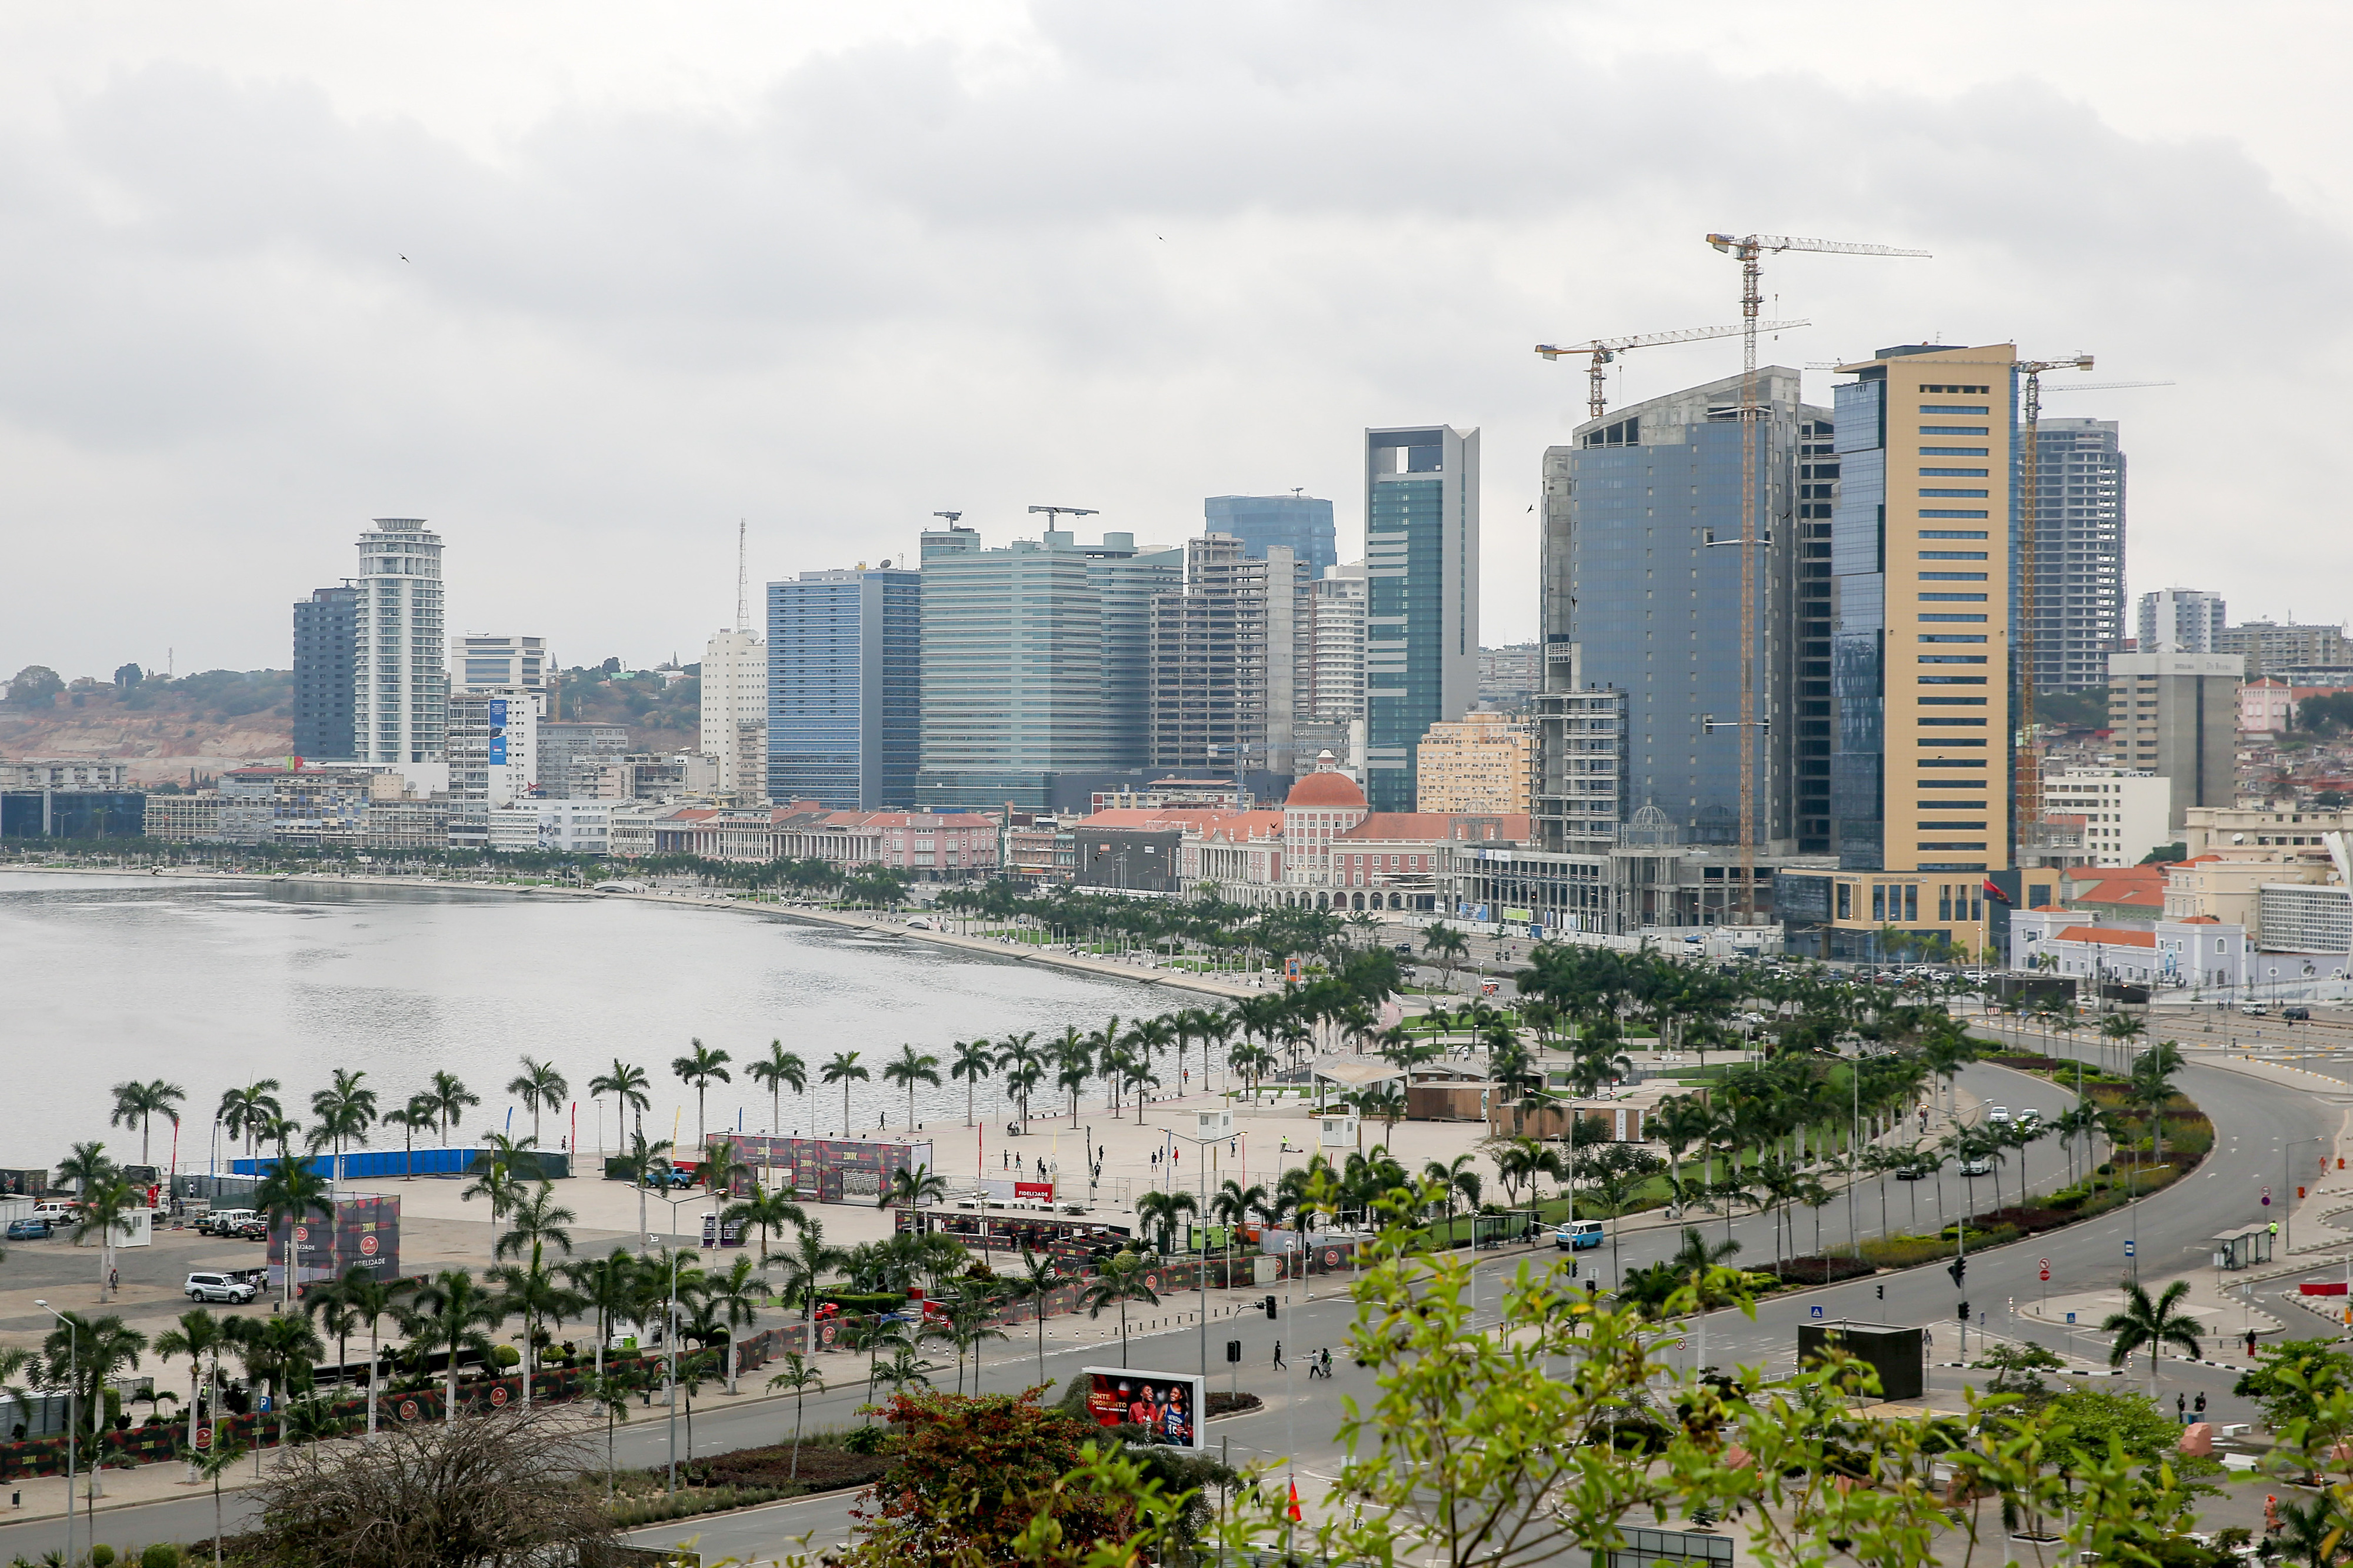 Angola mantém reformas em 2020 mas corrupção dificulta investimento - Fitch